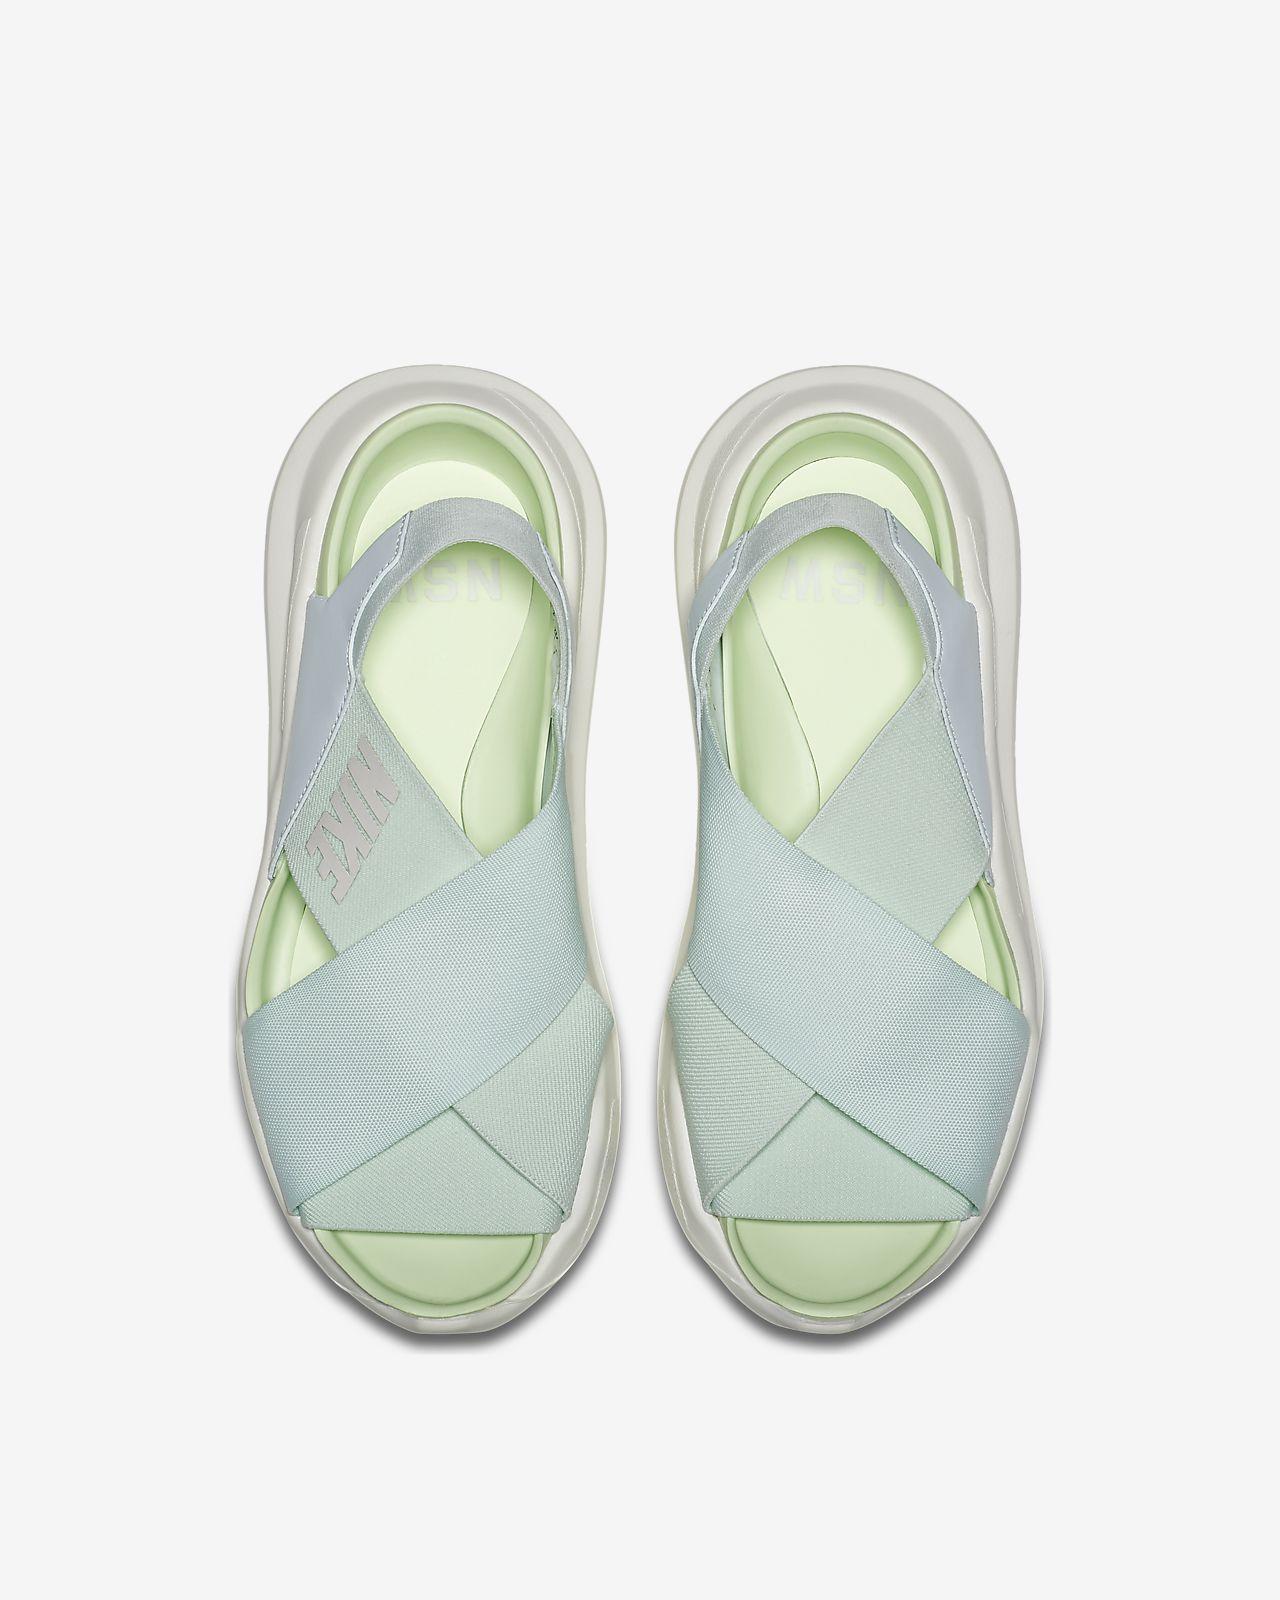 779423196 real floral nike slide sandals womens 4ed83 b66fc  shopping nike praktisk womens  sandal f0430 96749